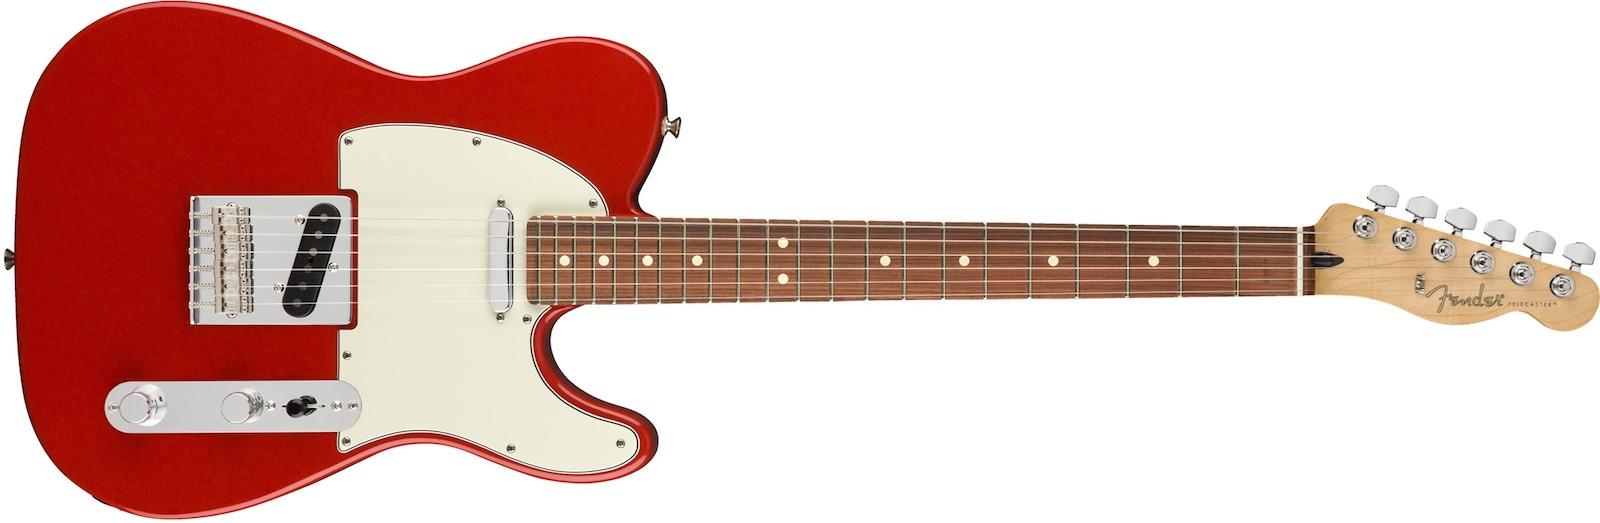 【新品】Fender Player Telecaster Pau Ferro Fingerboard ~Sonic Red~【お取り寄せ】【送料無料】【池袋店】